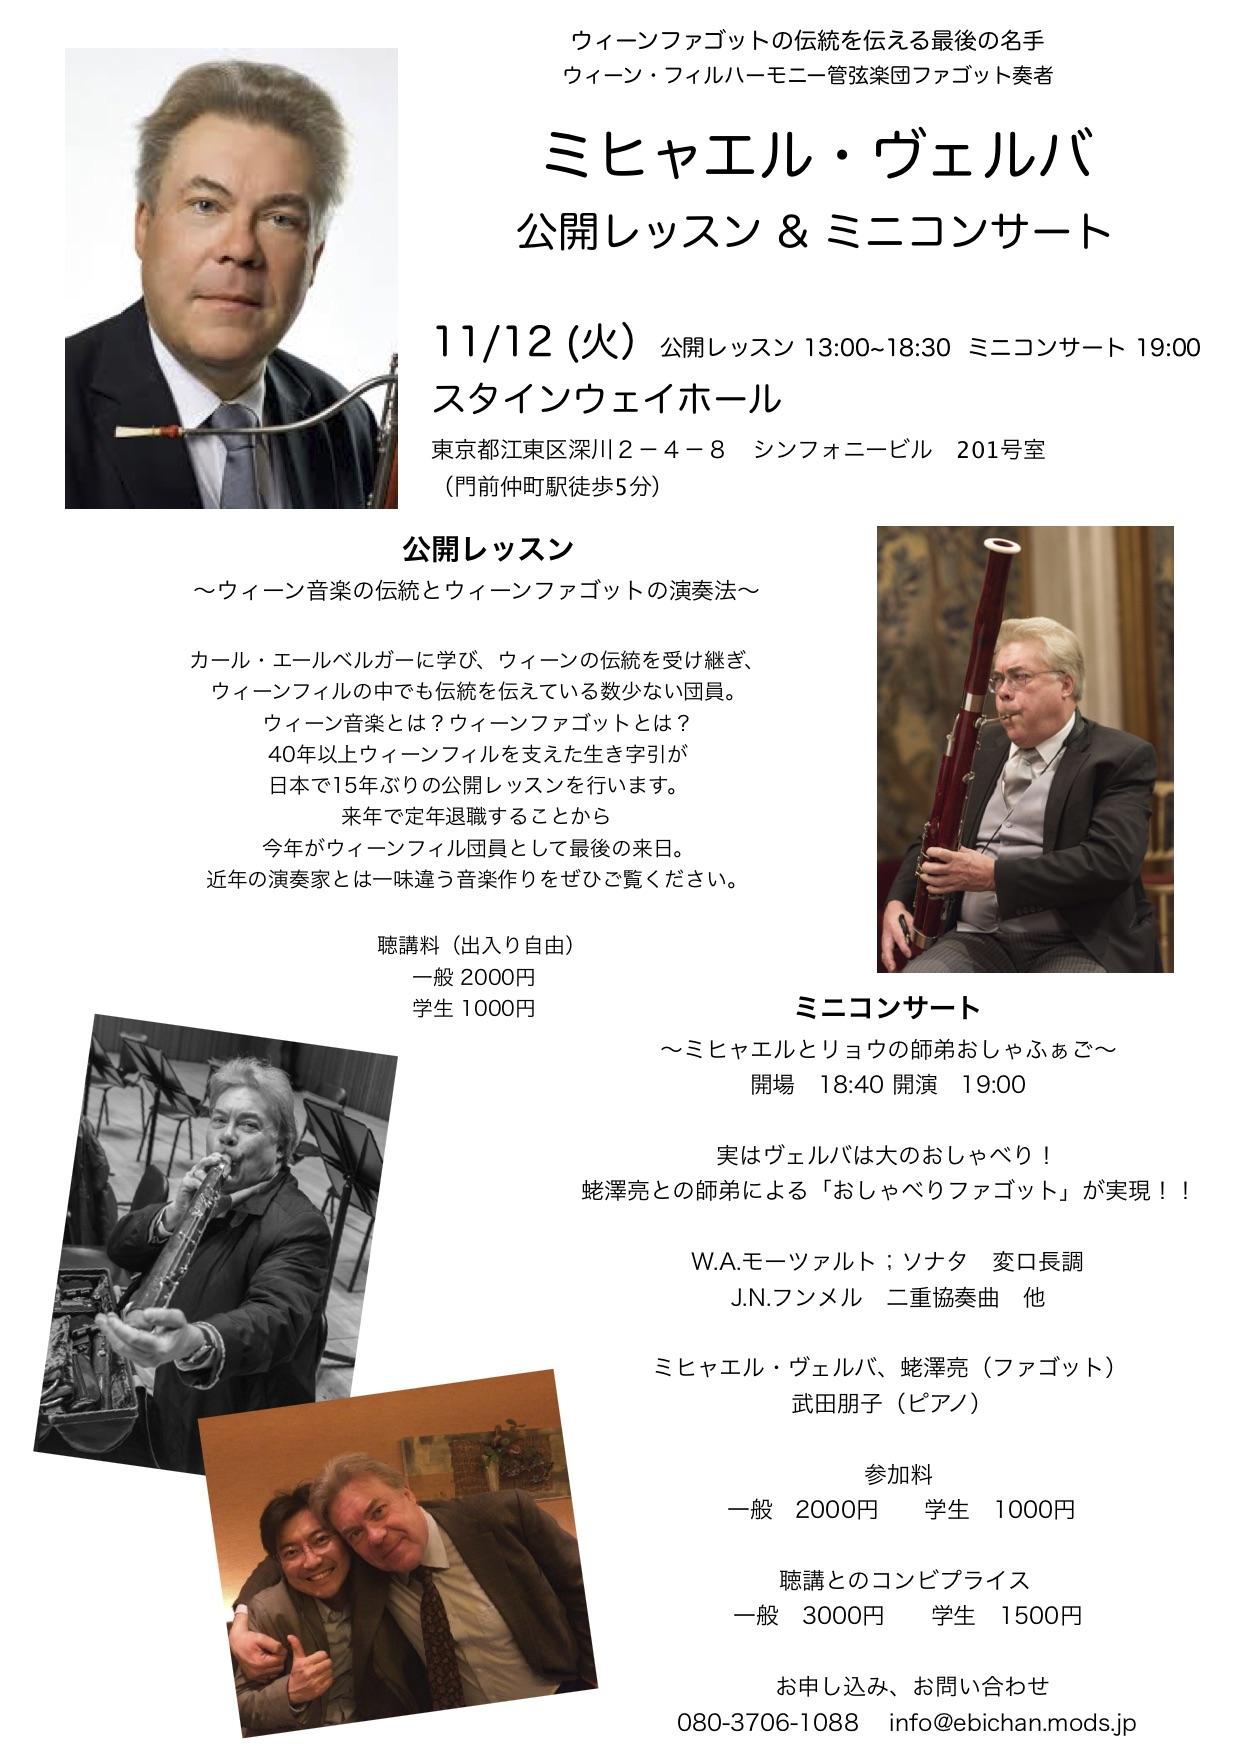 2019/11/12【ミヒャエル・ヴェルバ氏による公開レッスン&ミニコンサート】